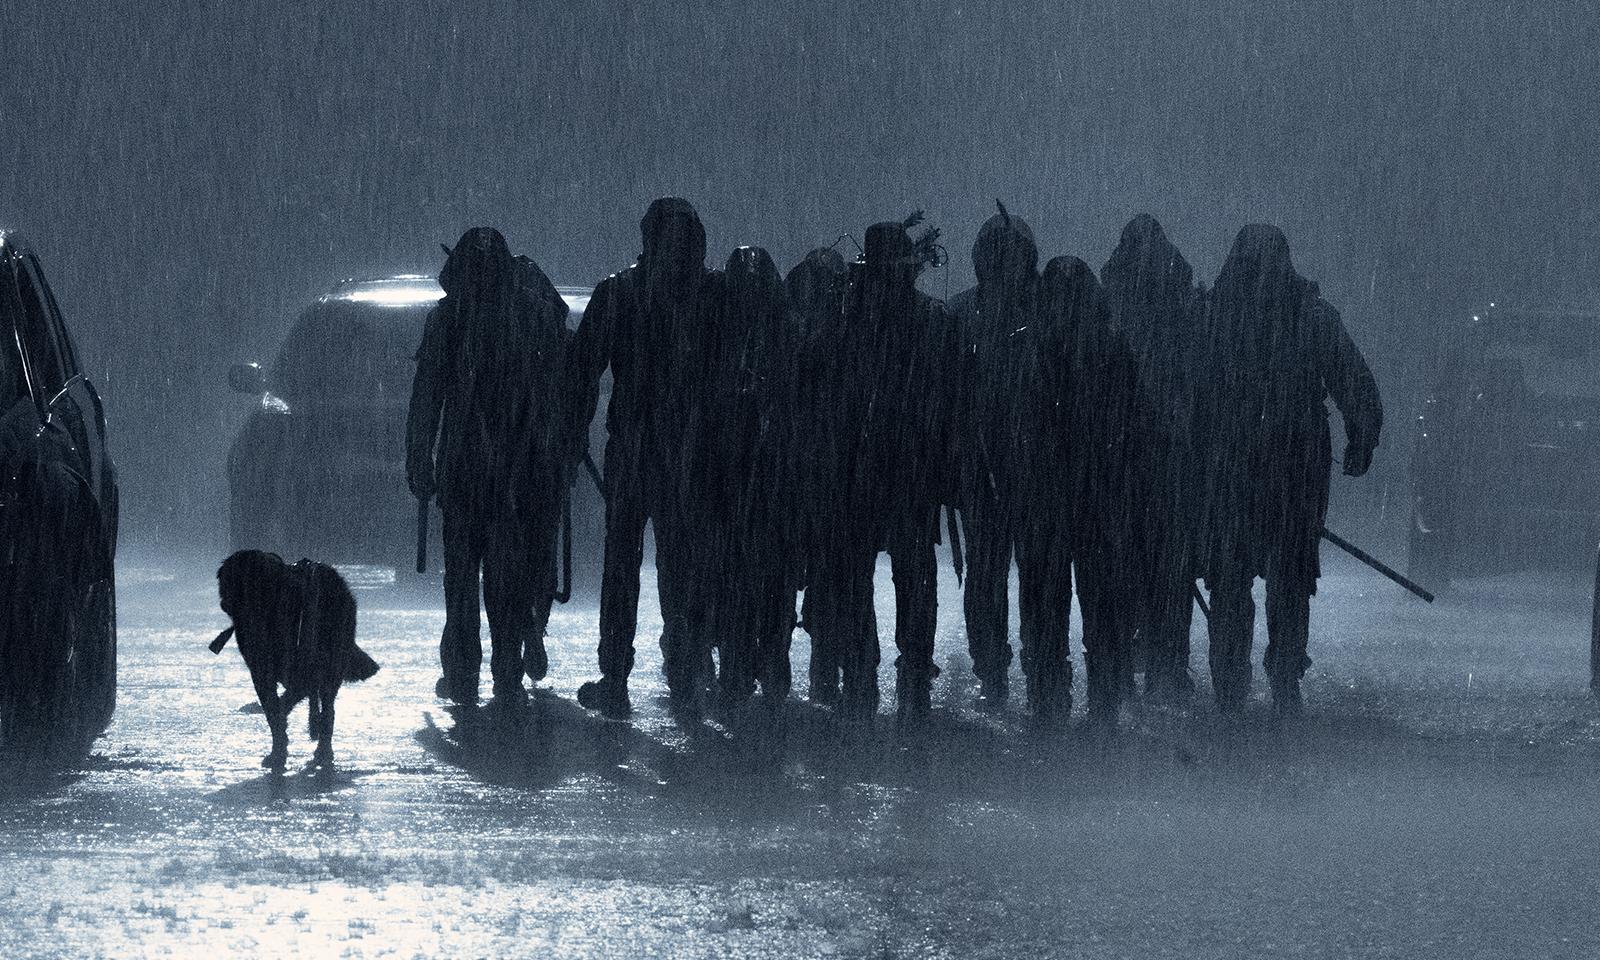 Sobreviventes na chuva em imagem do episódio 1 da 11ª e última temporada de The Walking Dead